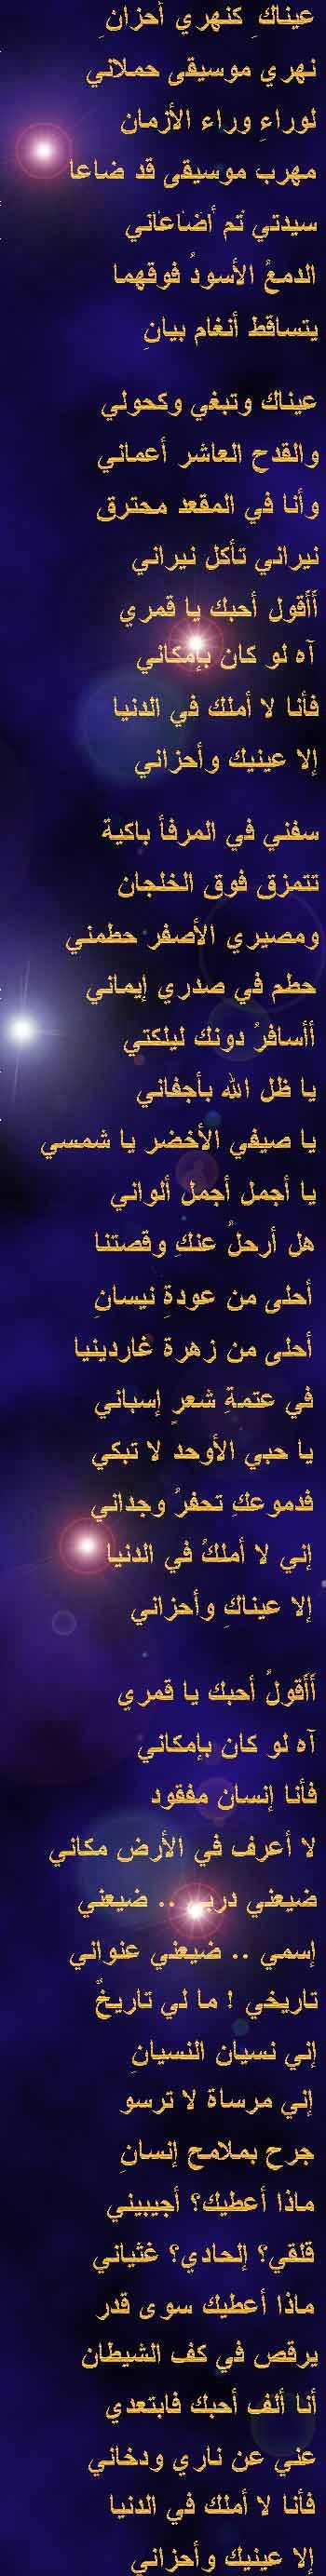 قصيدة نهر الاحزان للشاعر نزار قباني _ عيناكي _ 155